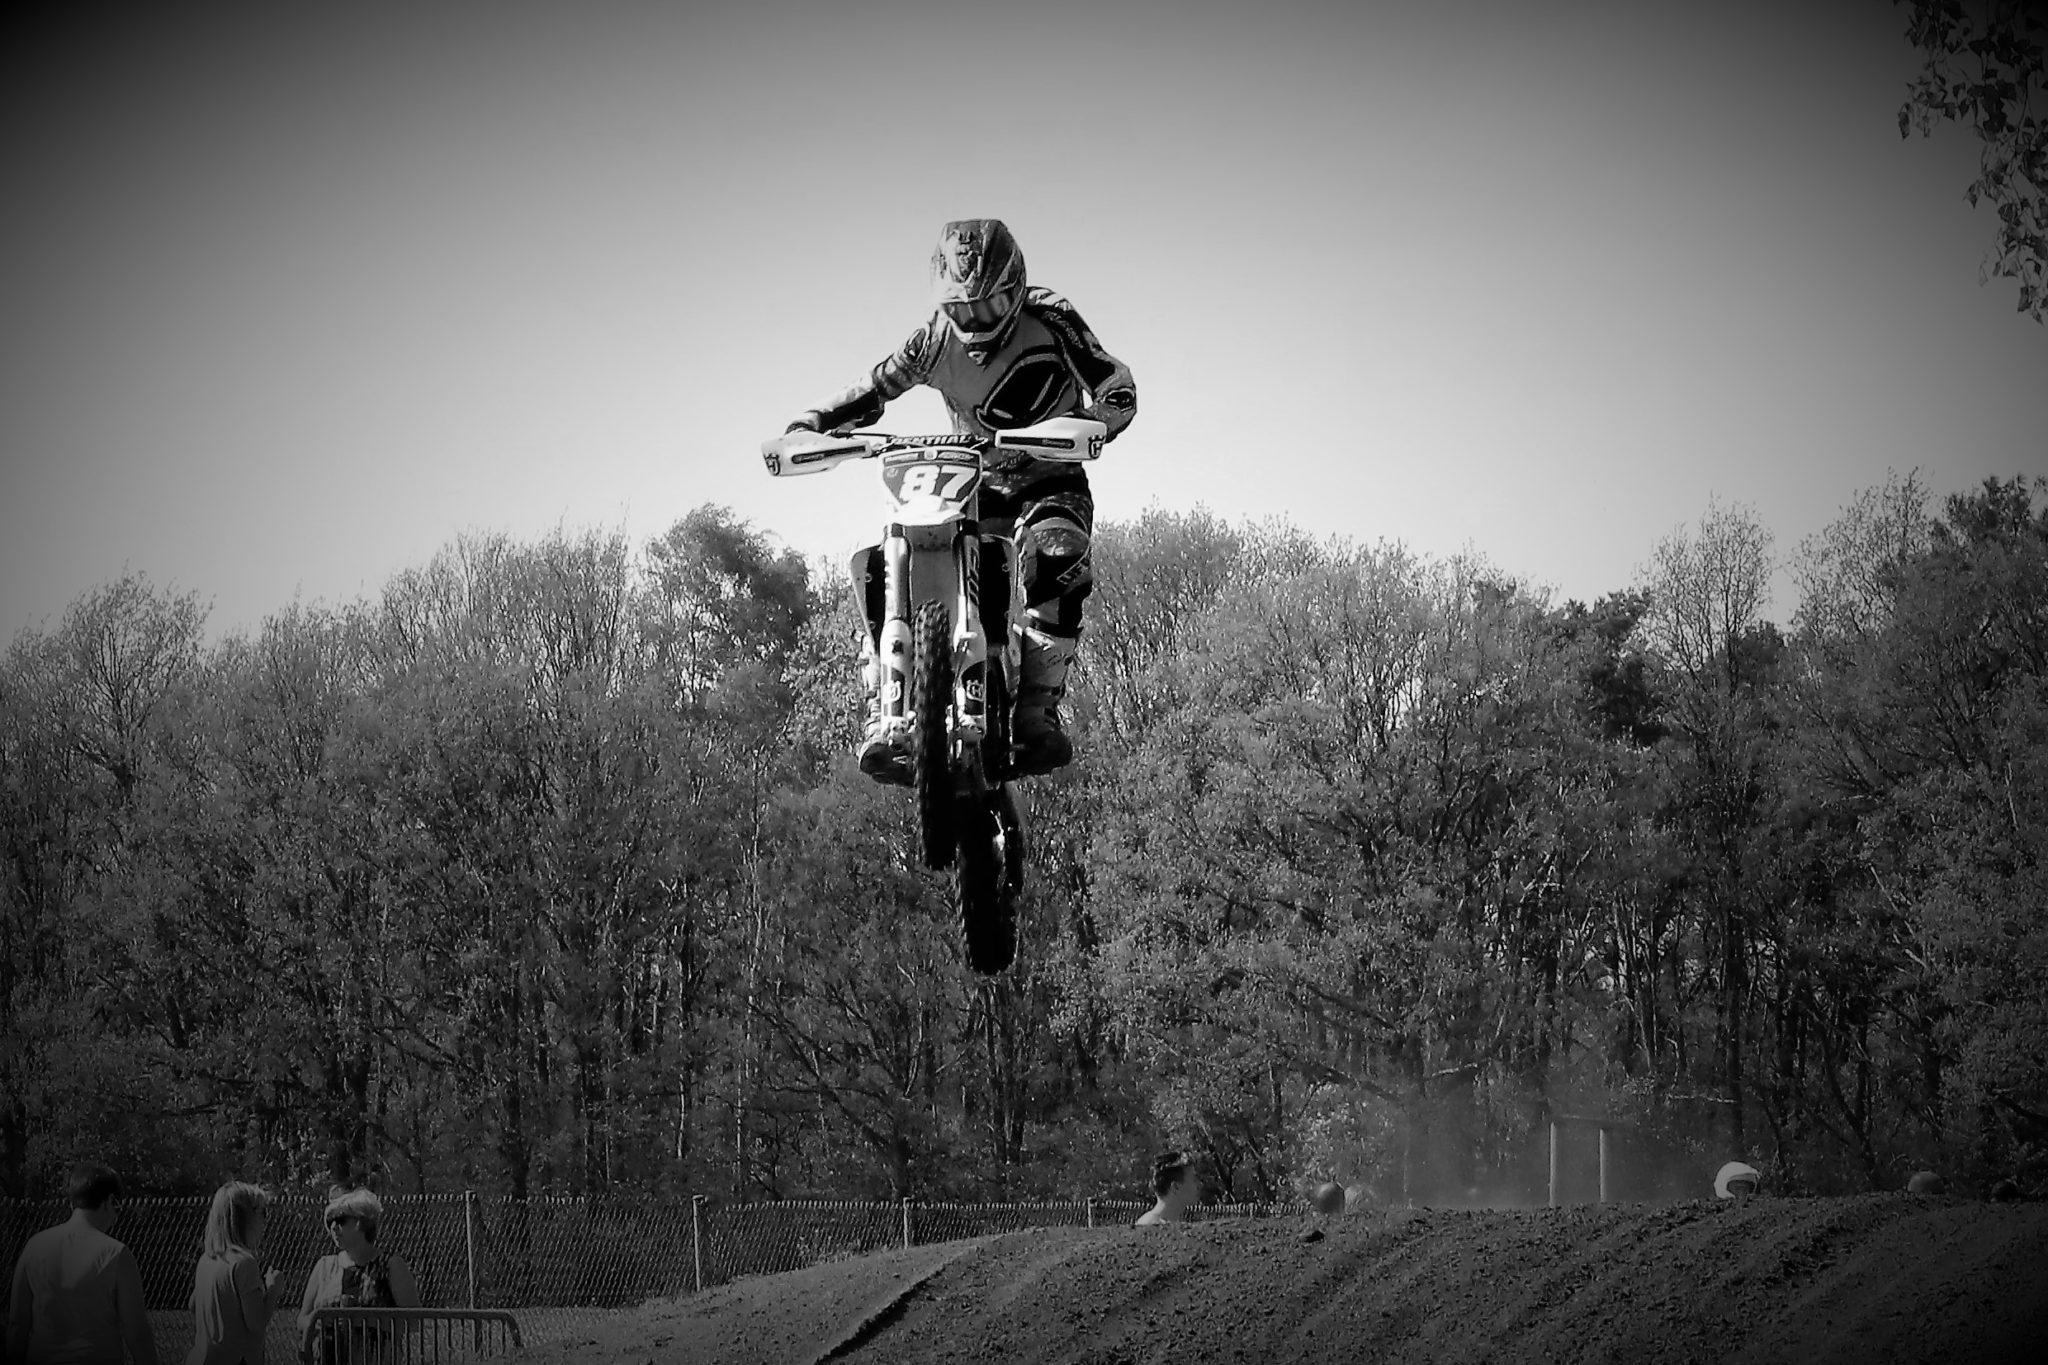 Cross jump